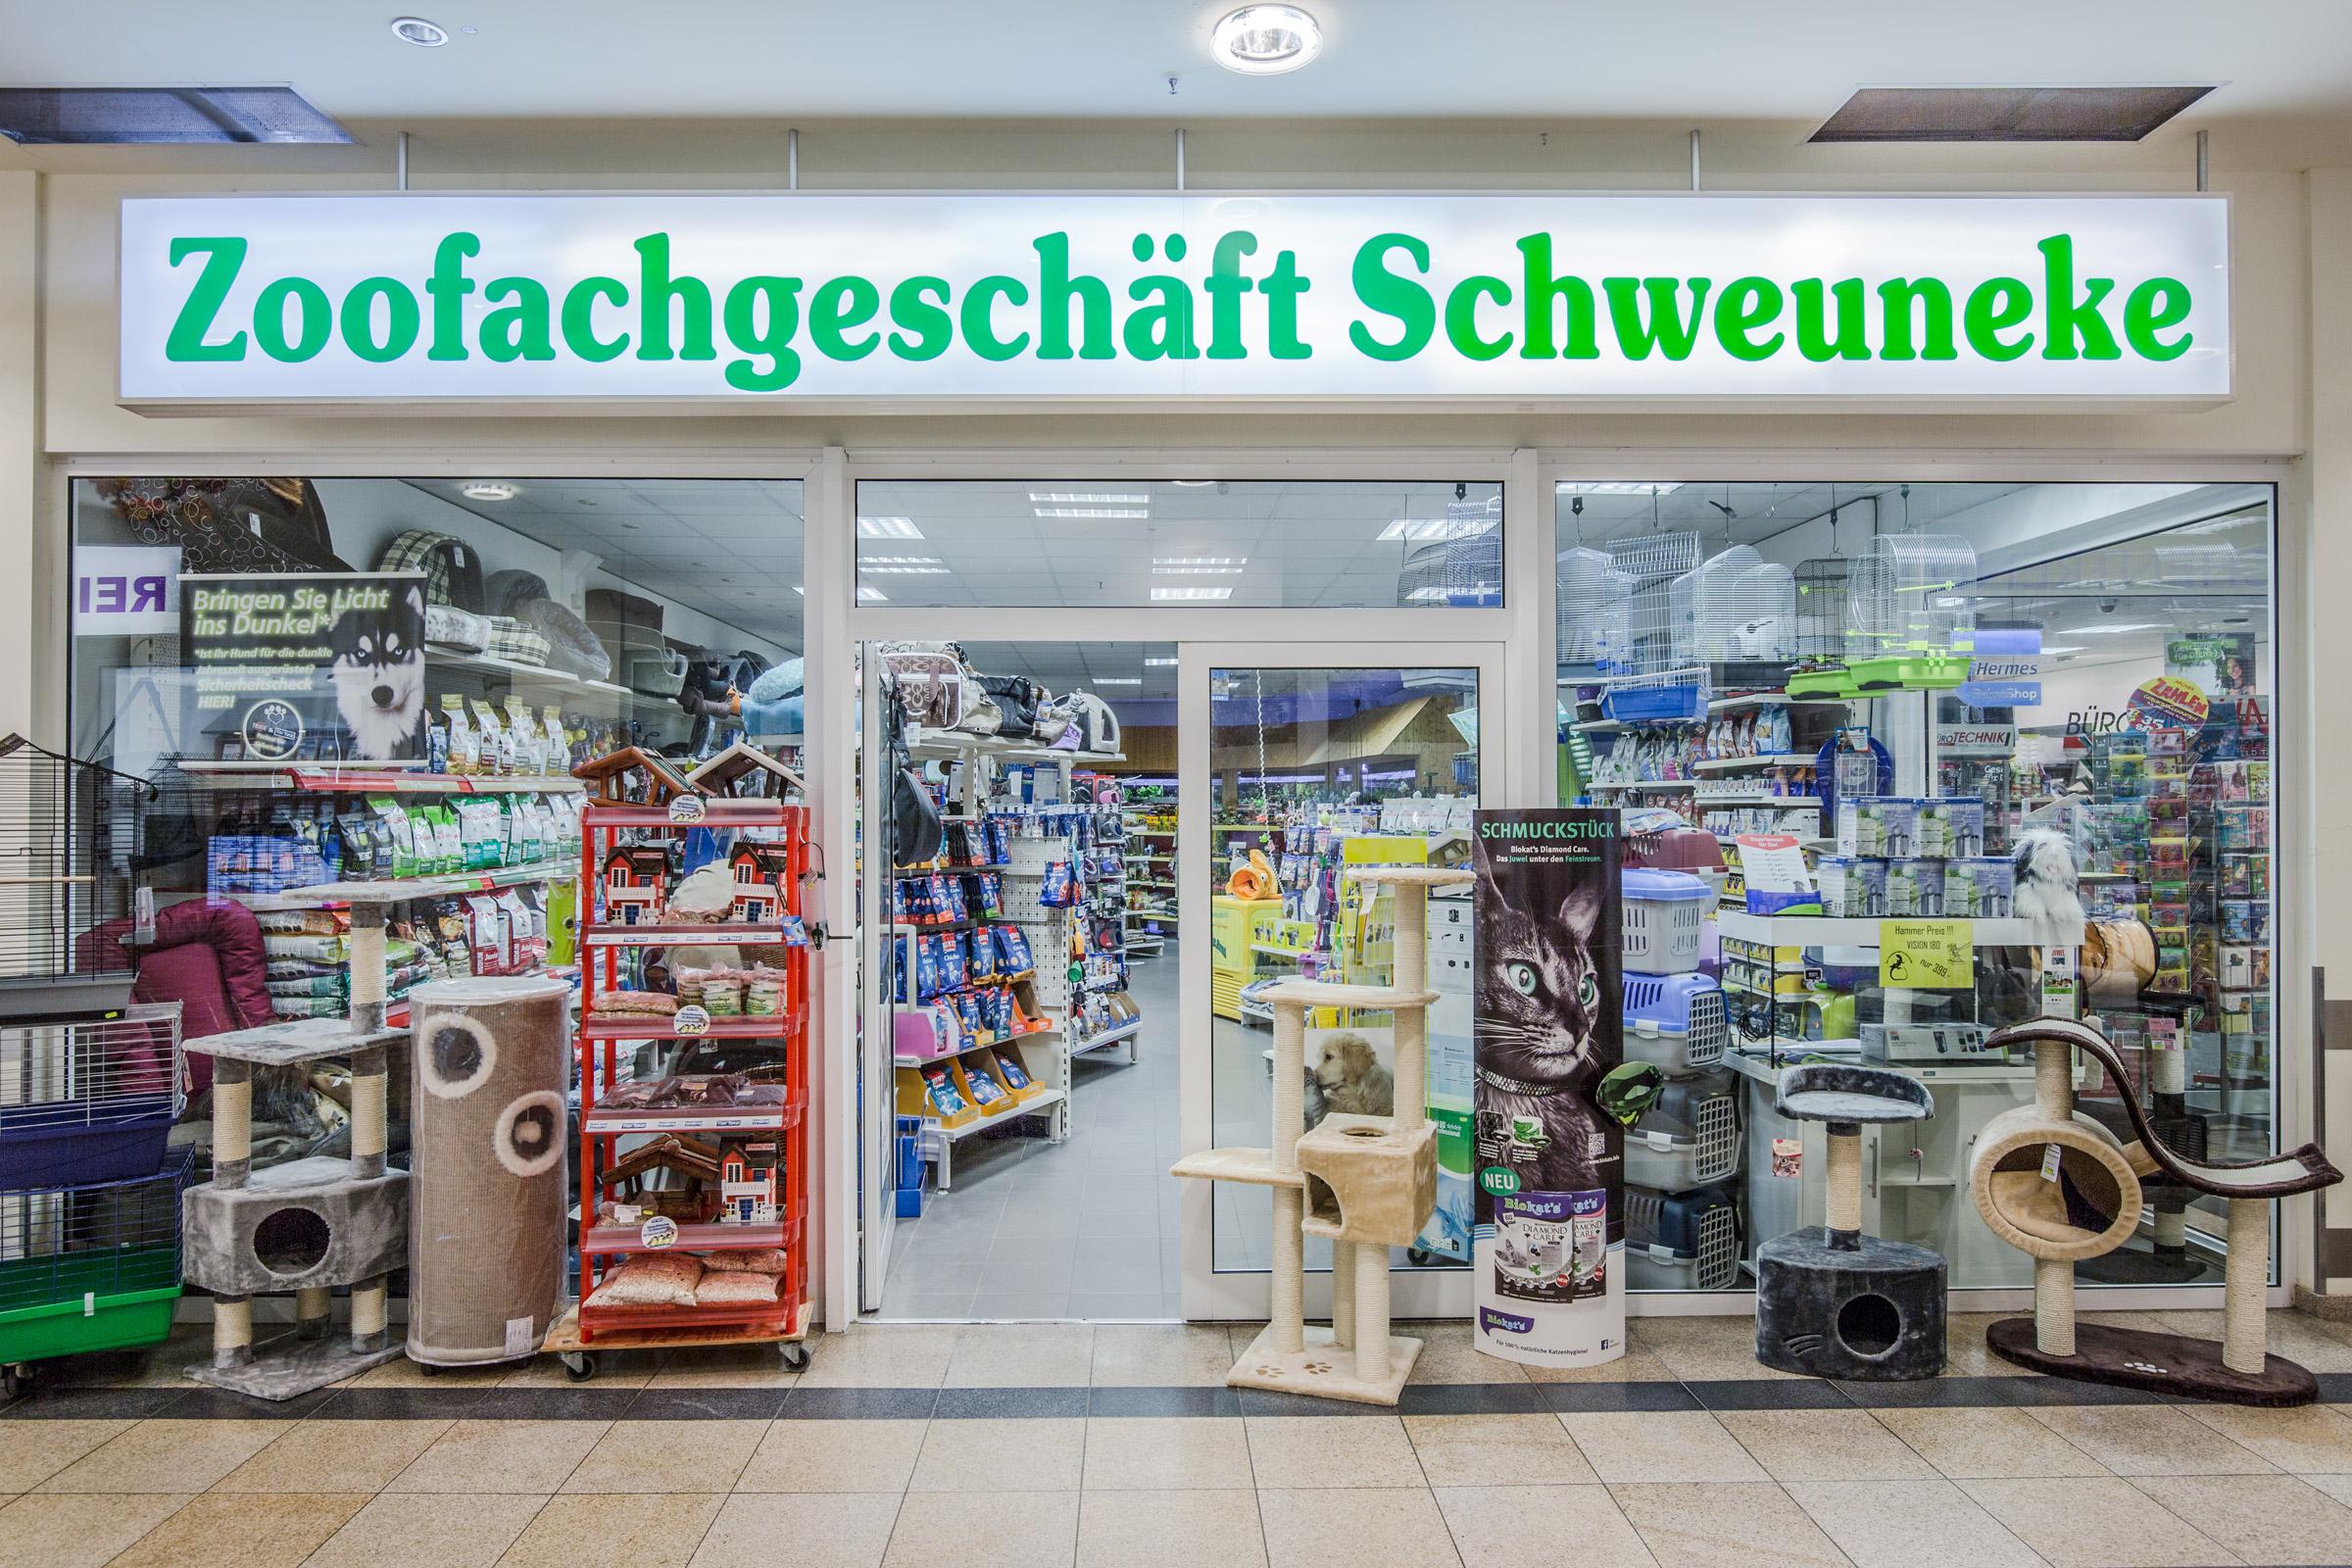 Schweuneke1_2019